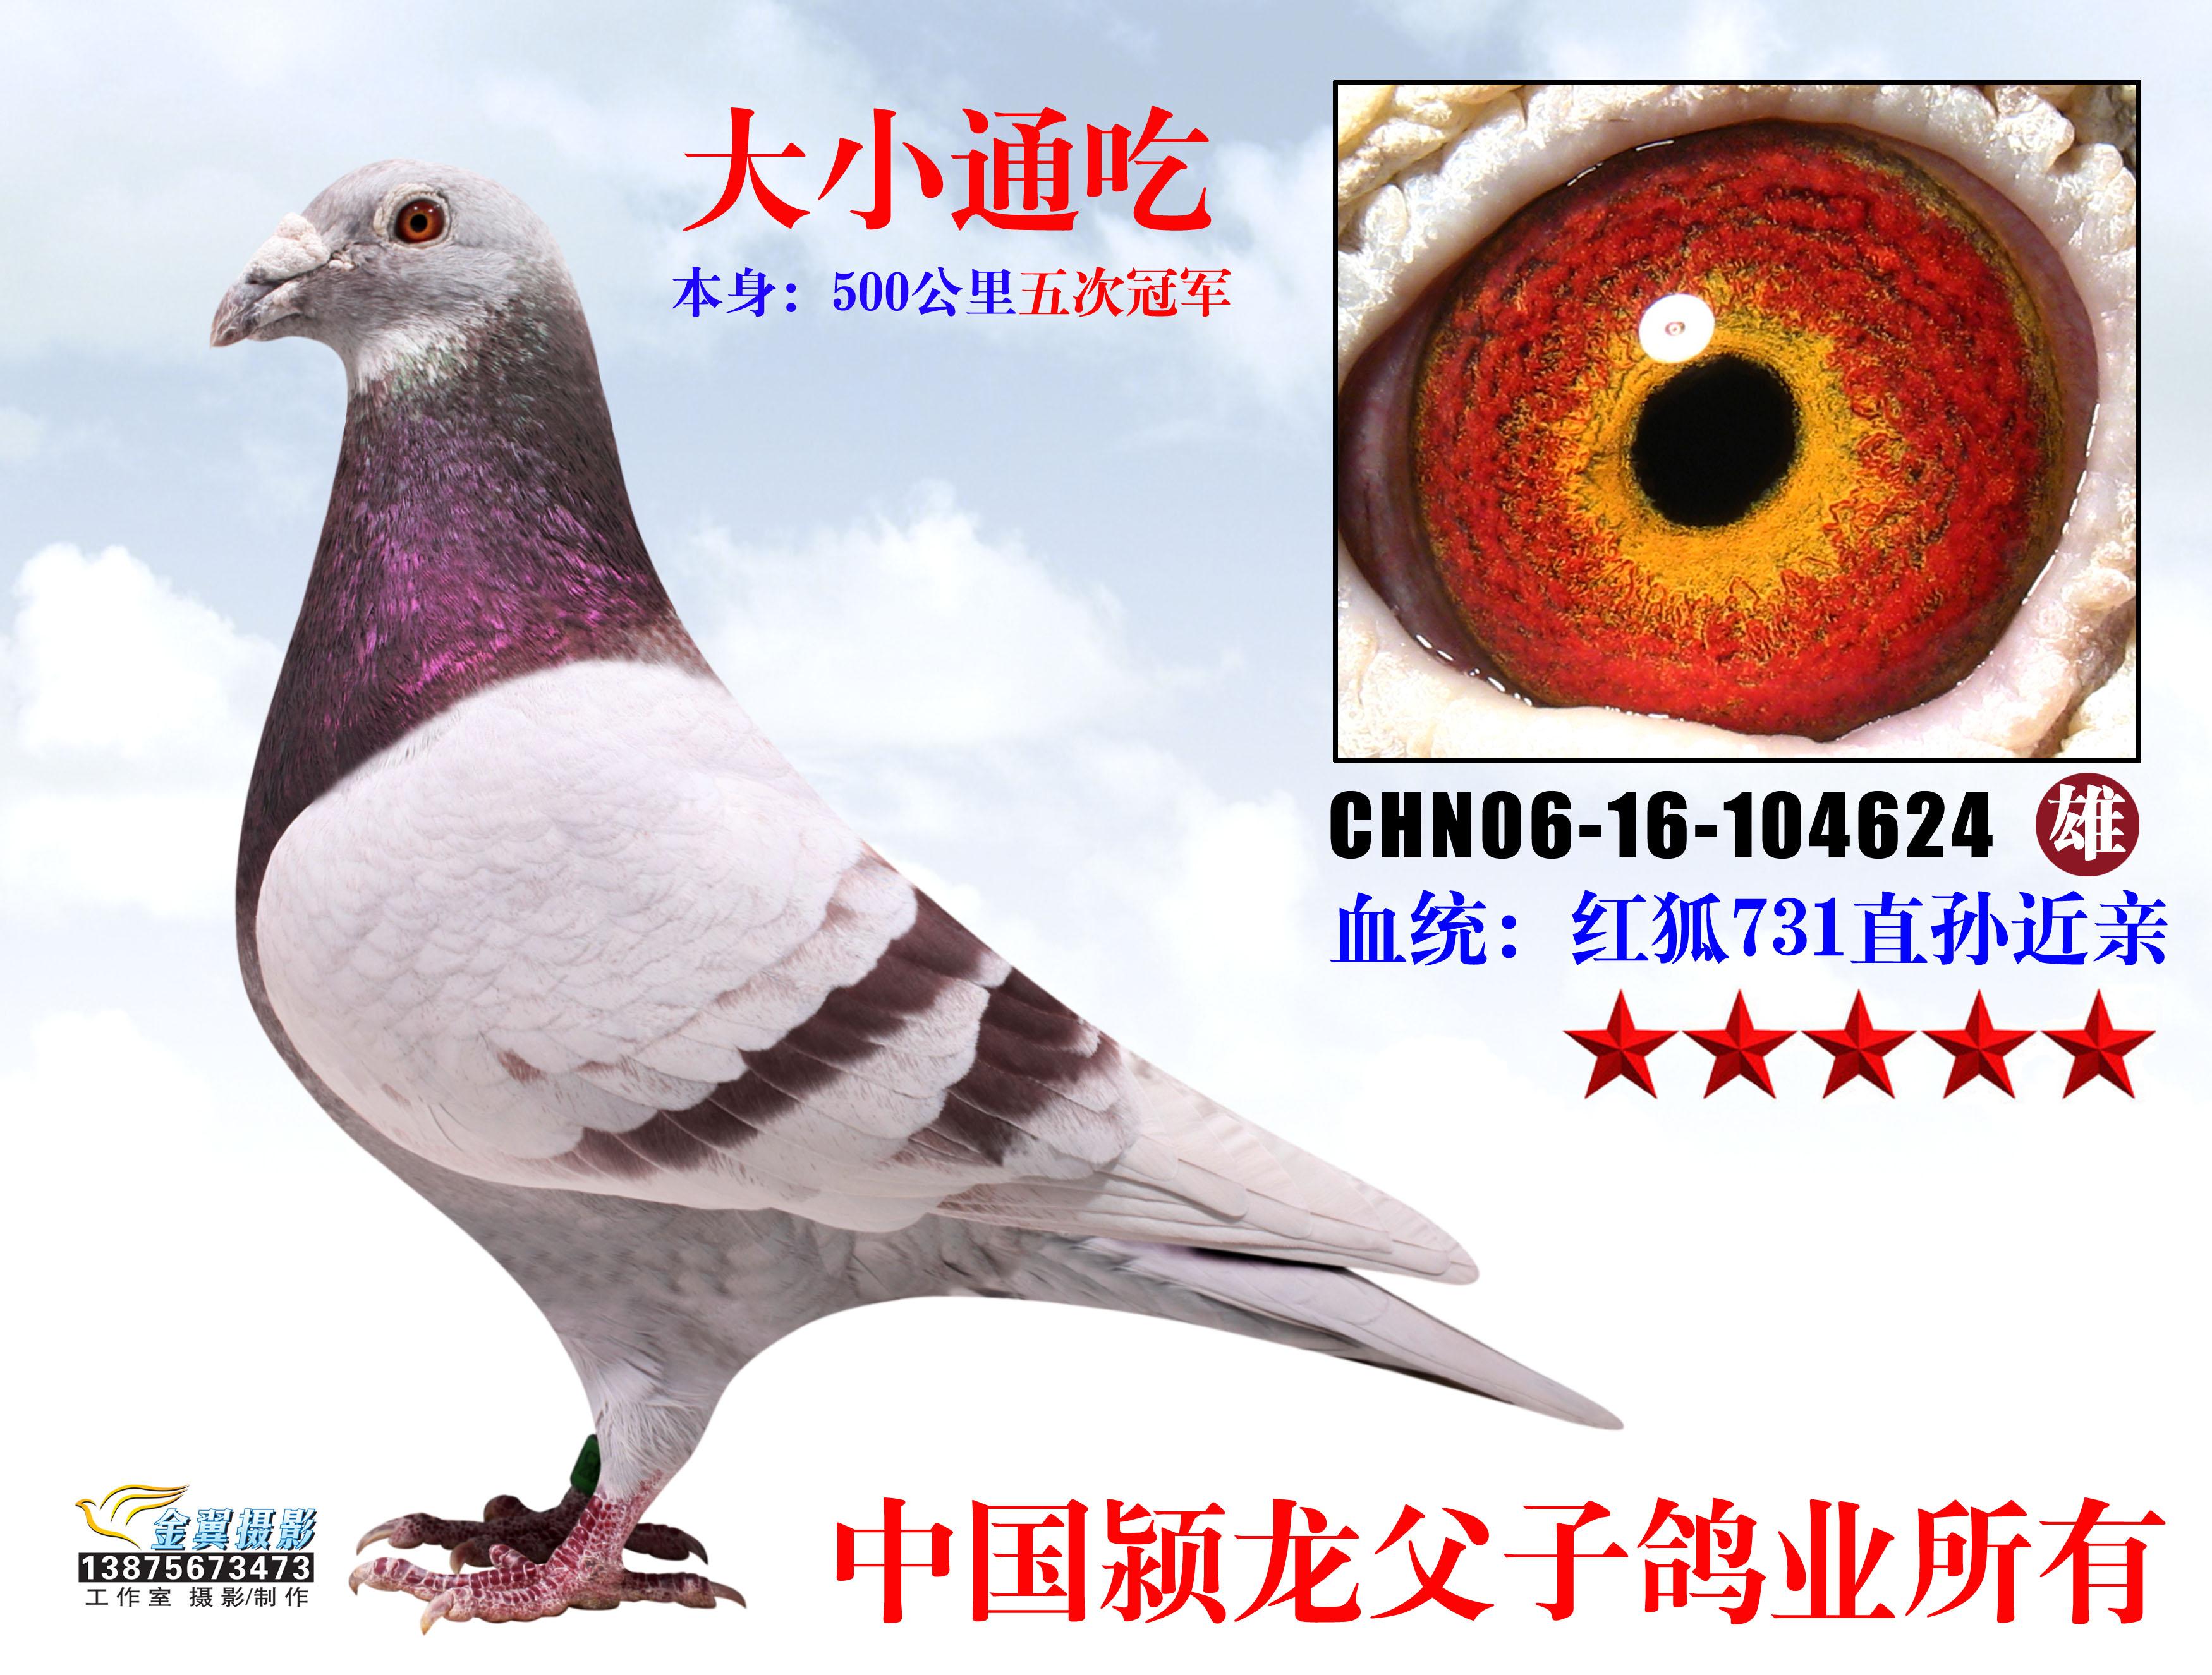 蜜蜂鸽鸽子鸟类不会鸟教学3500_2651小动物的人为何图示癌症图片